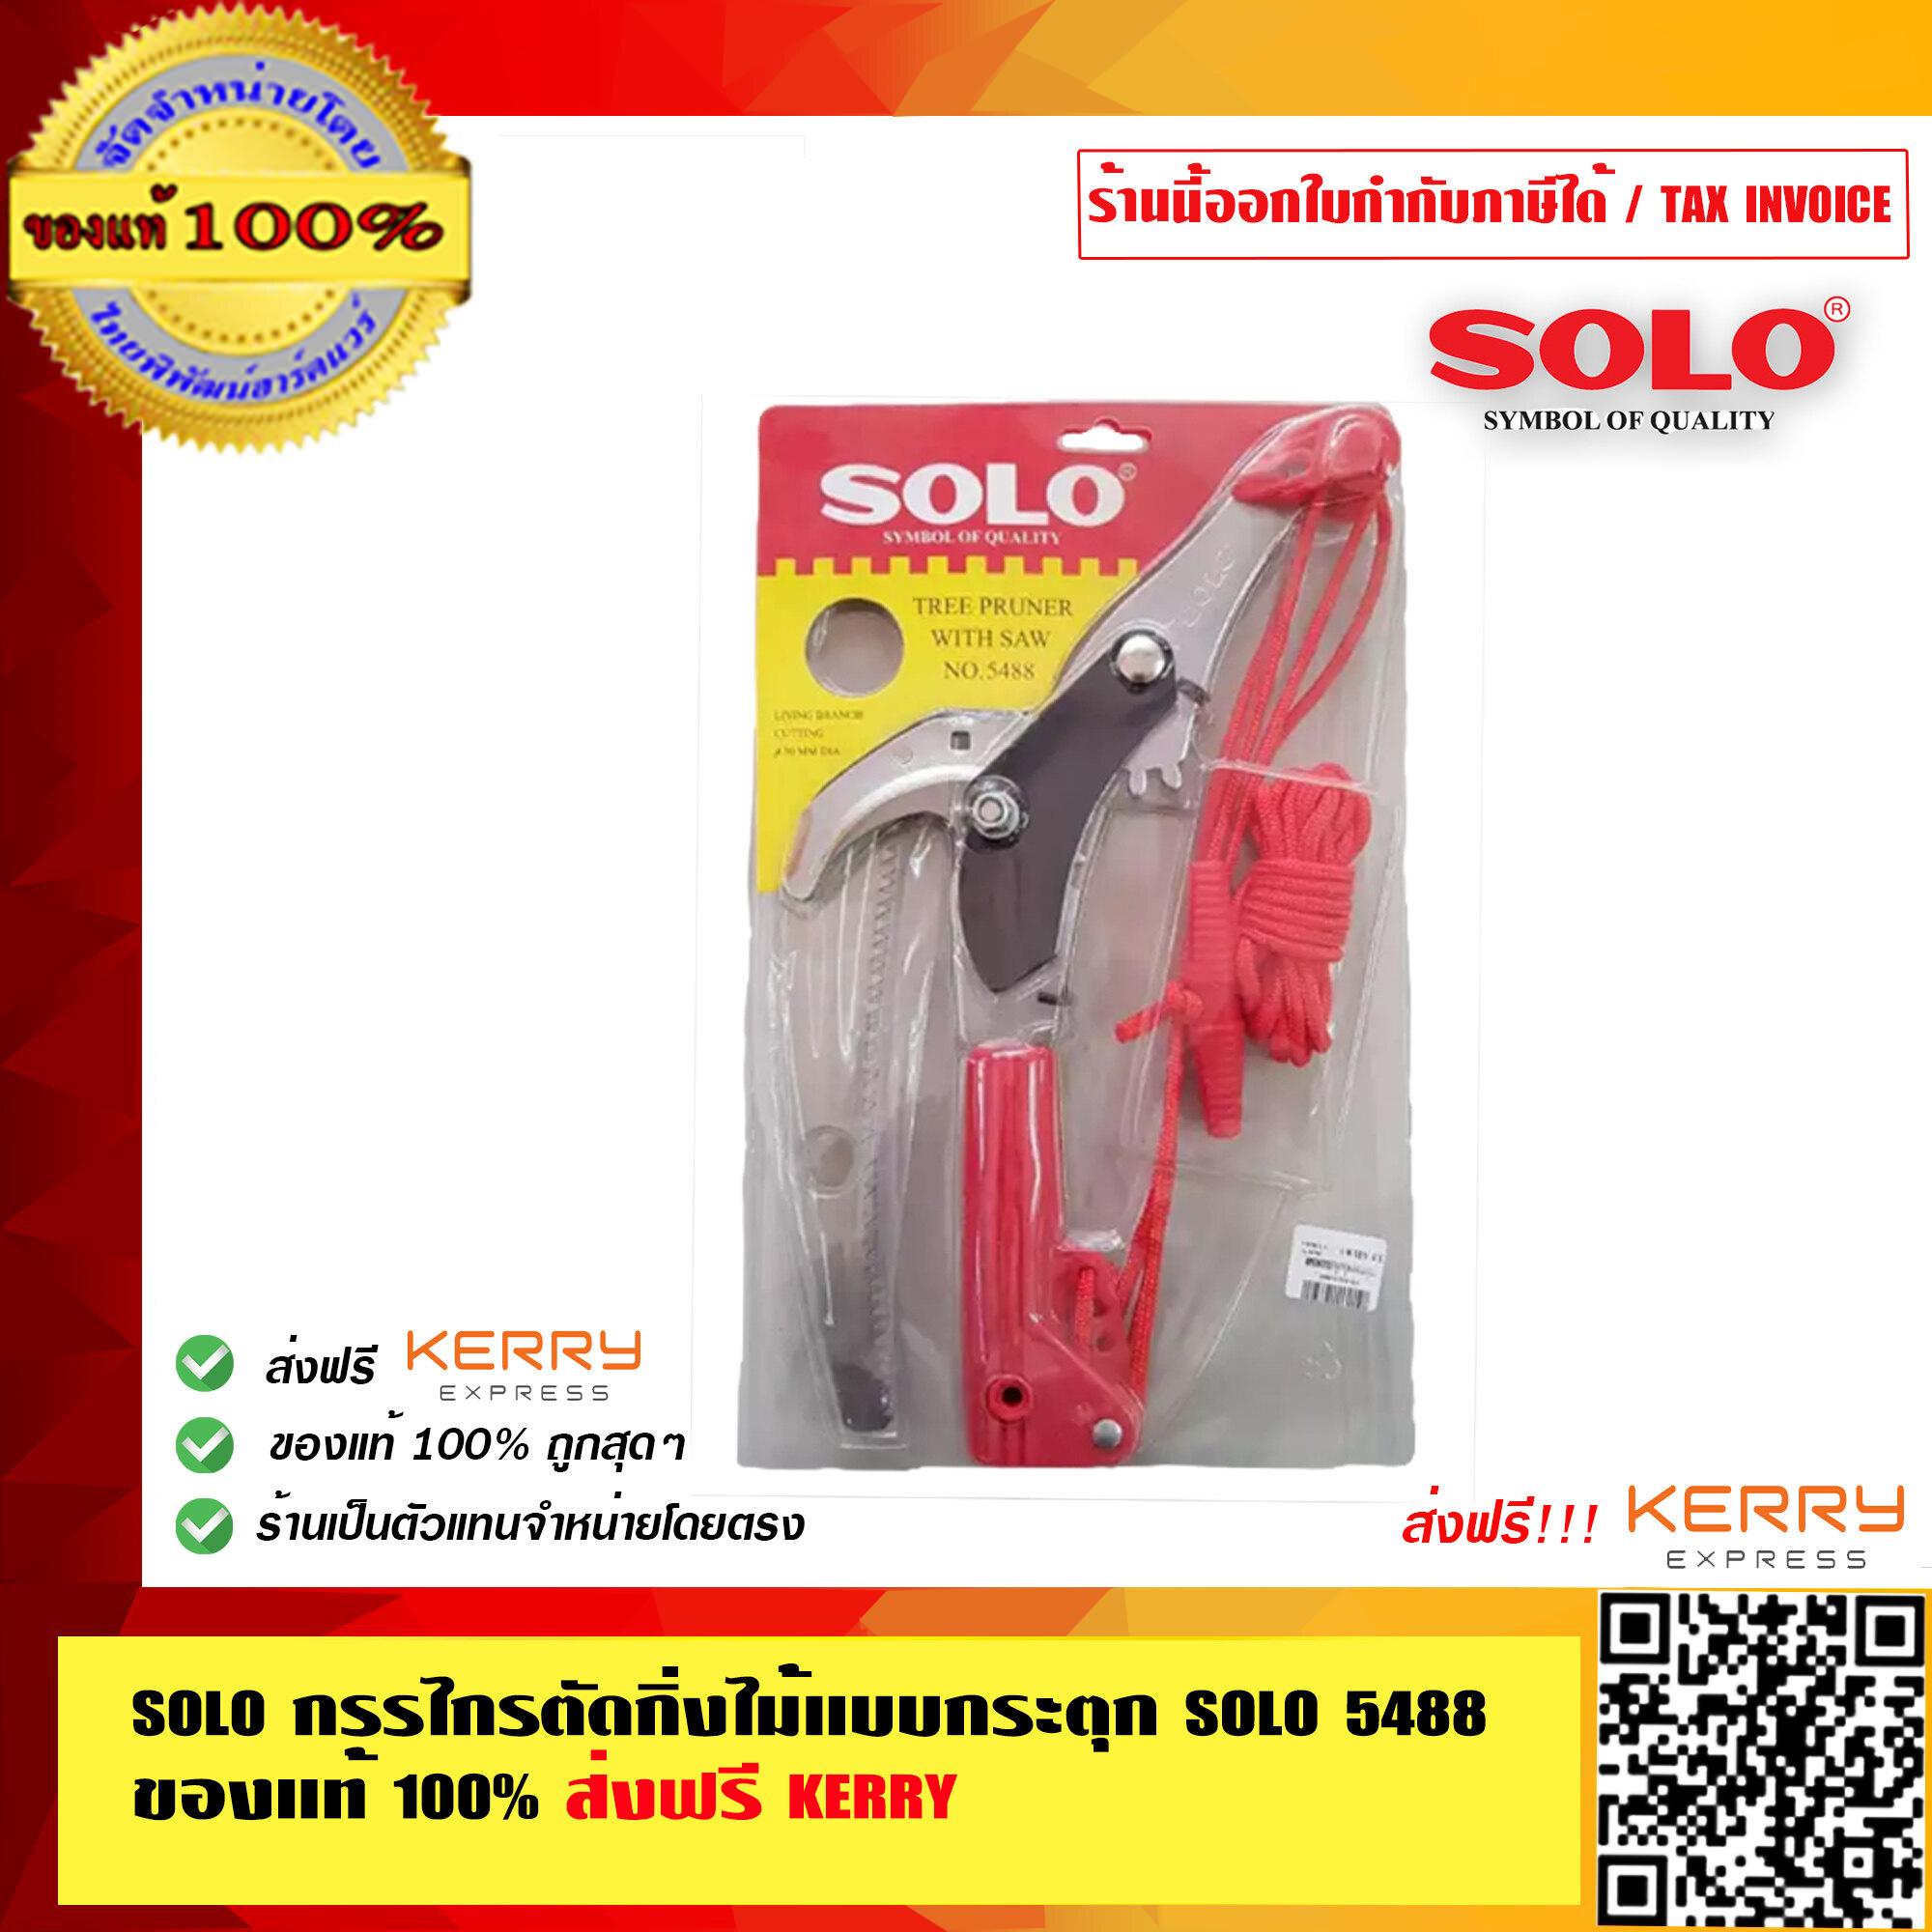 SOLO กรรไกรตัดกิ่งไม้แบบกระตุก SOLO 5488 ของแท้ 100% ส่งฟรี !!!! ร้านเป็นตัวแทนจำหน่ายโดยตรง